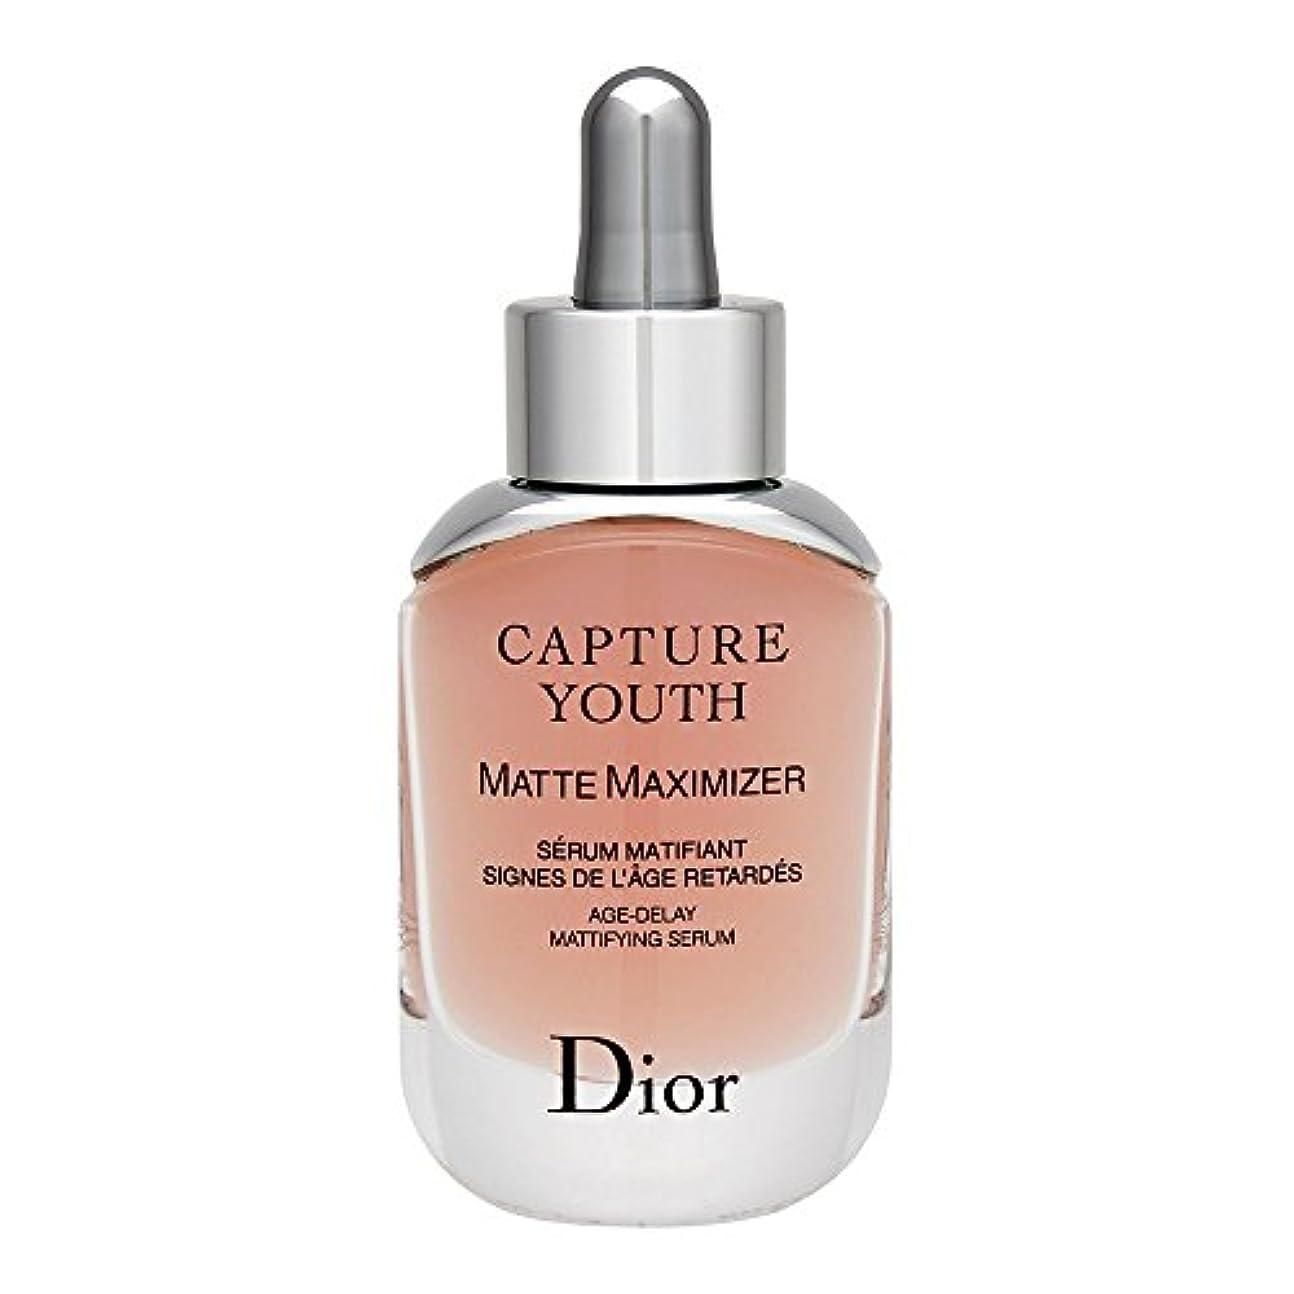 チーフ好きオンクリスチャンディオール Christian Dior カプチュール ユース マット マキシマイザー 30mL [並行輸入品]